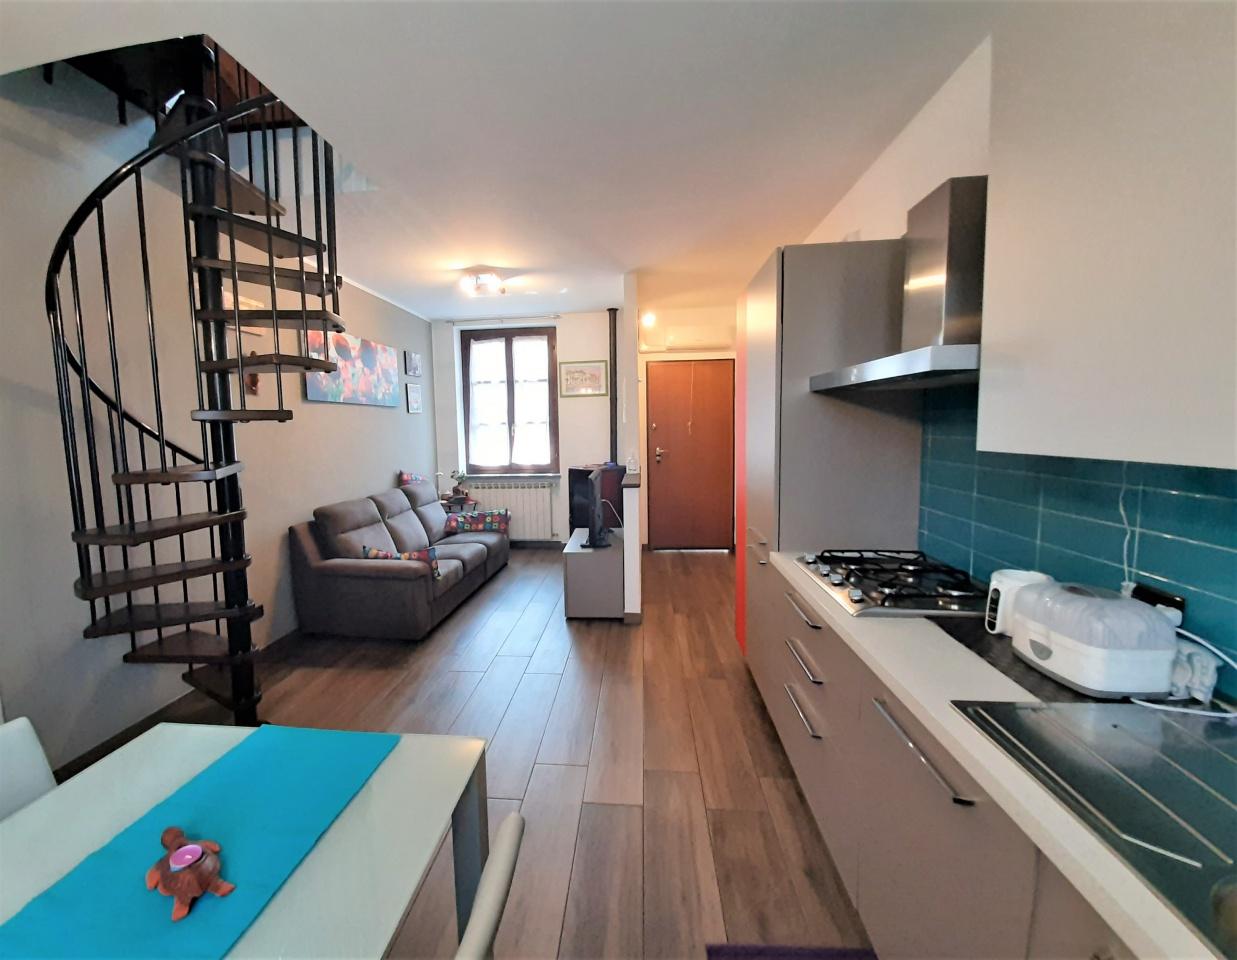 Appartamento in vendita a Gessate, 3 locali, prezzo € 155.000 | CambioCasa.it